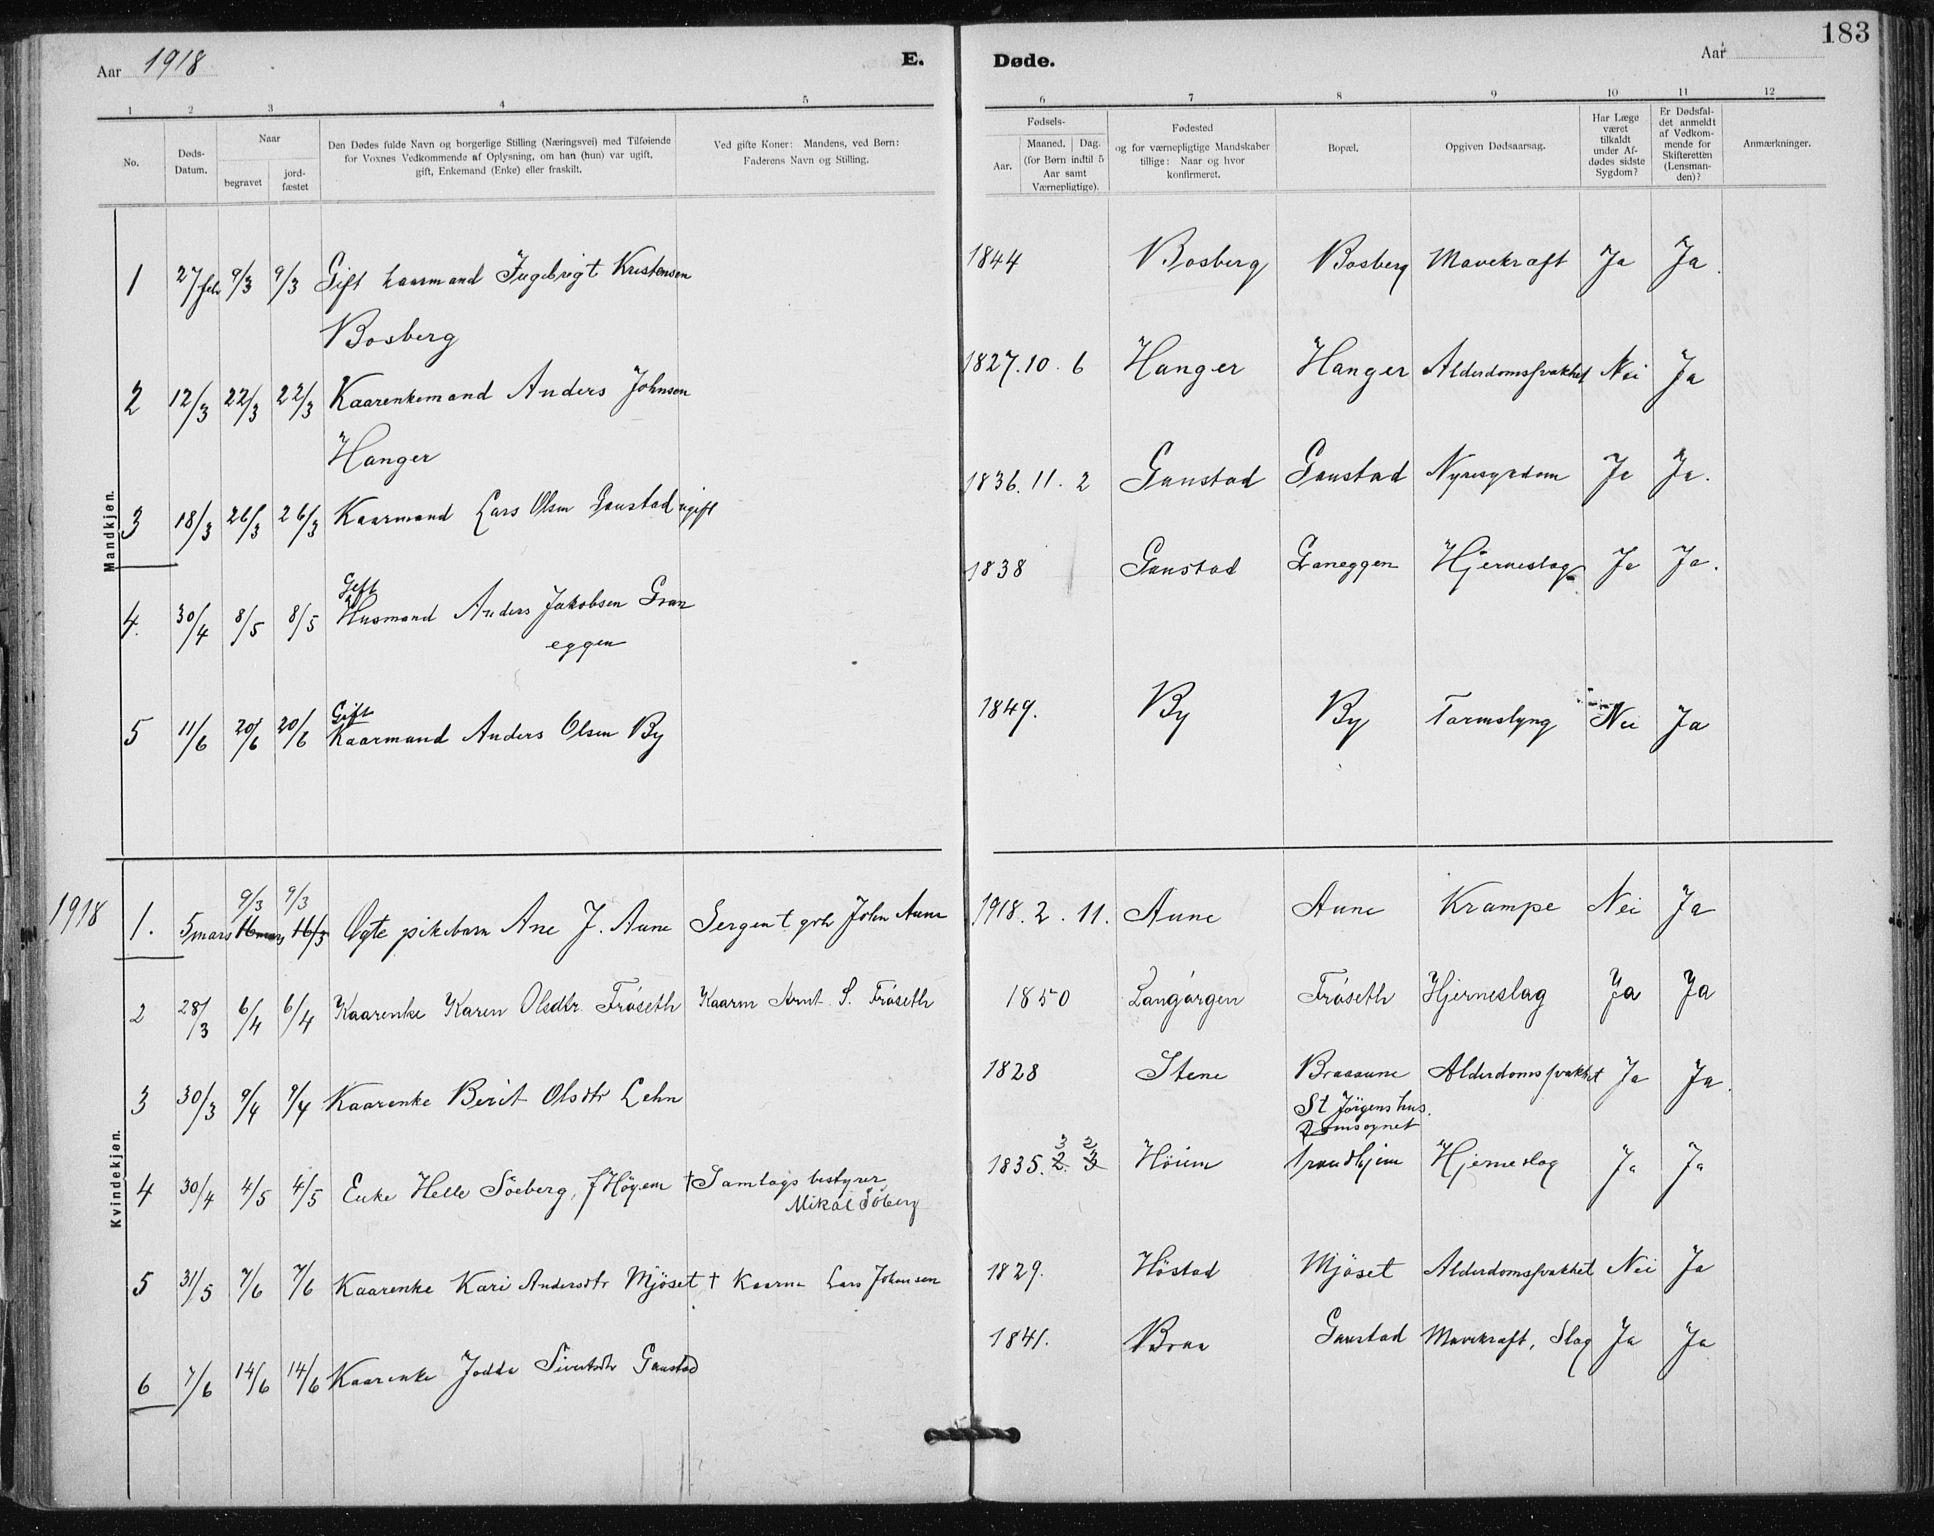 SAT, Ministerialprotokoller, klokkerbøker og fødselsregistre - Sør-Trøndelag, 612/L0381: Ministerialbok nr. 612A13, 1907-1923, s. 183